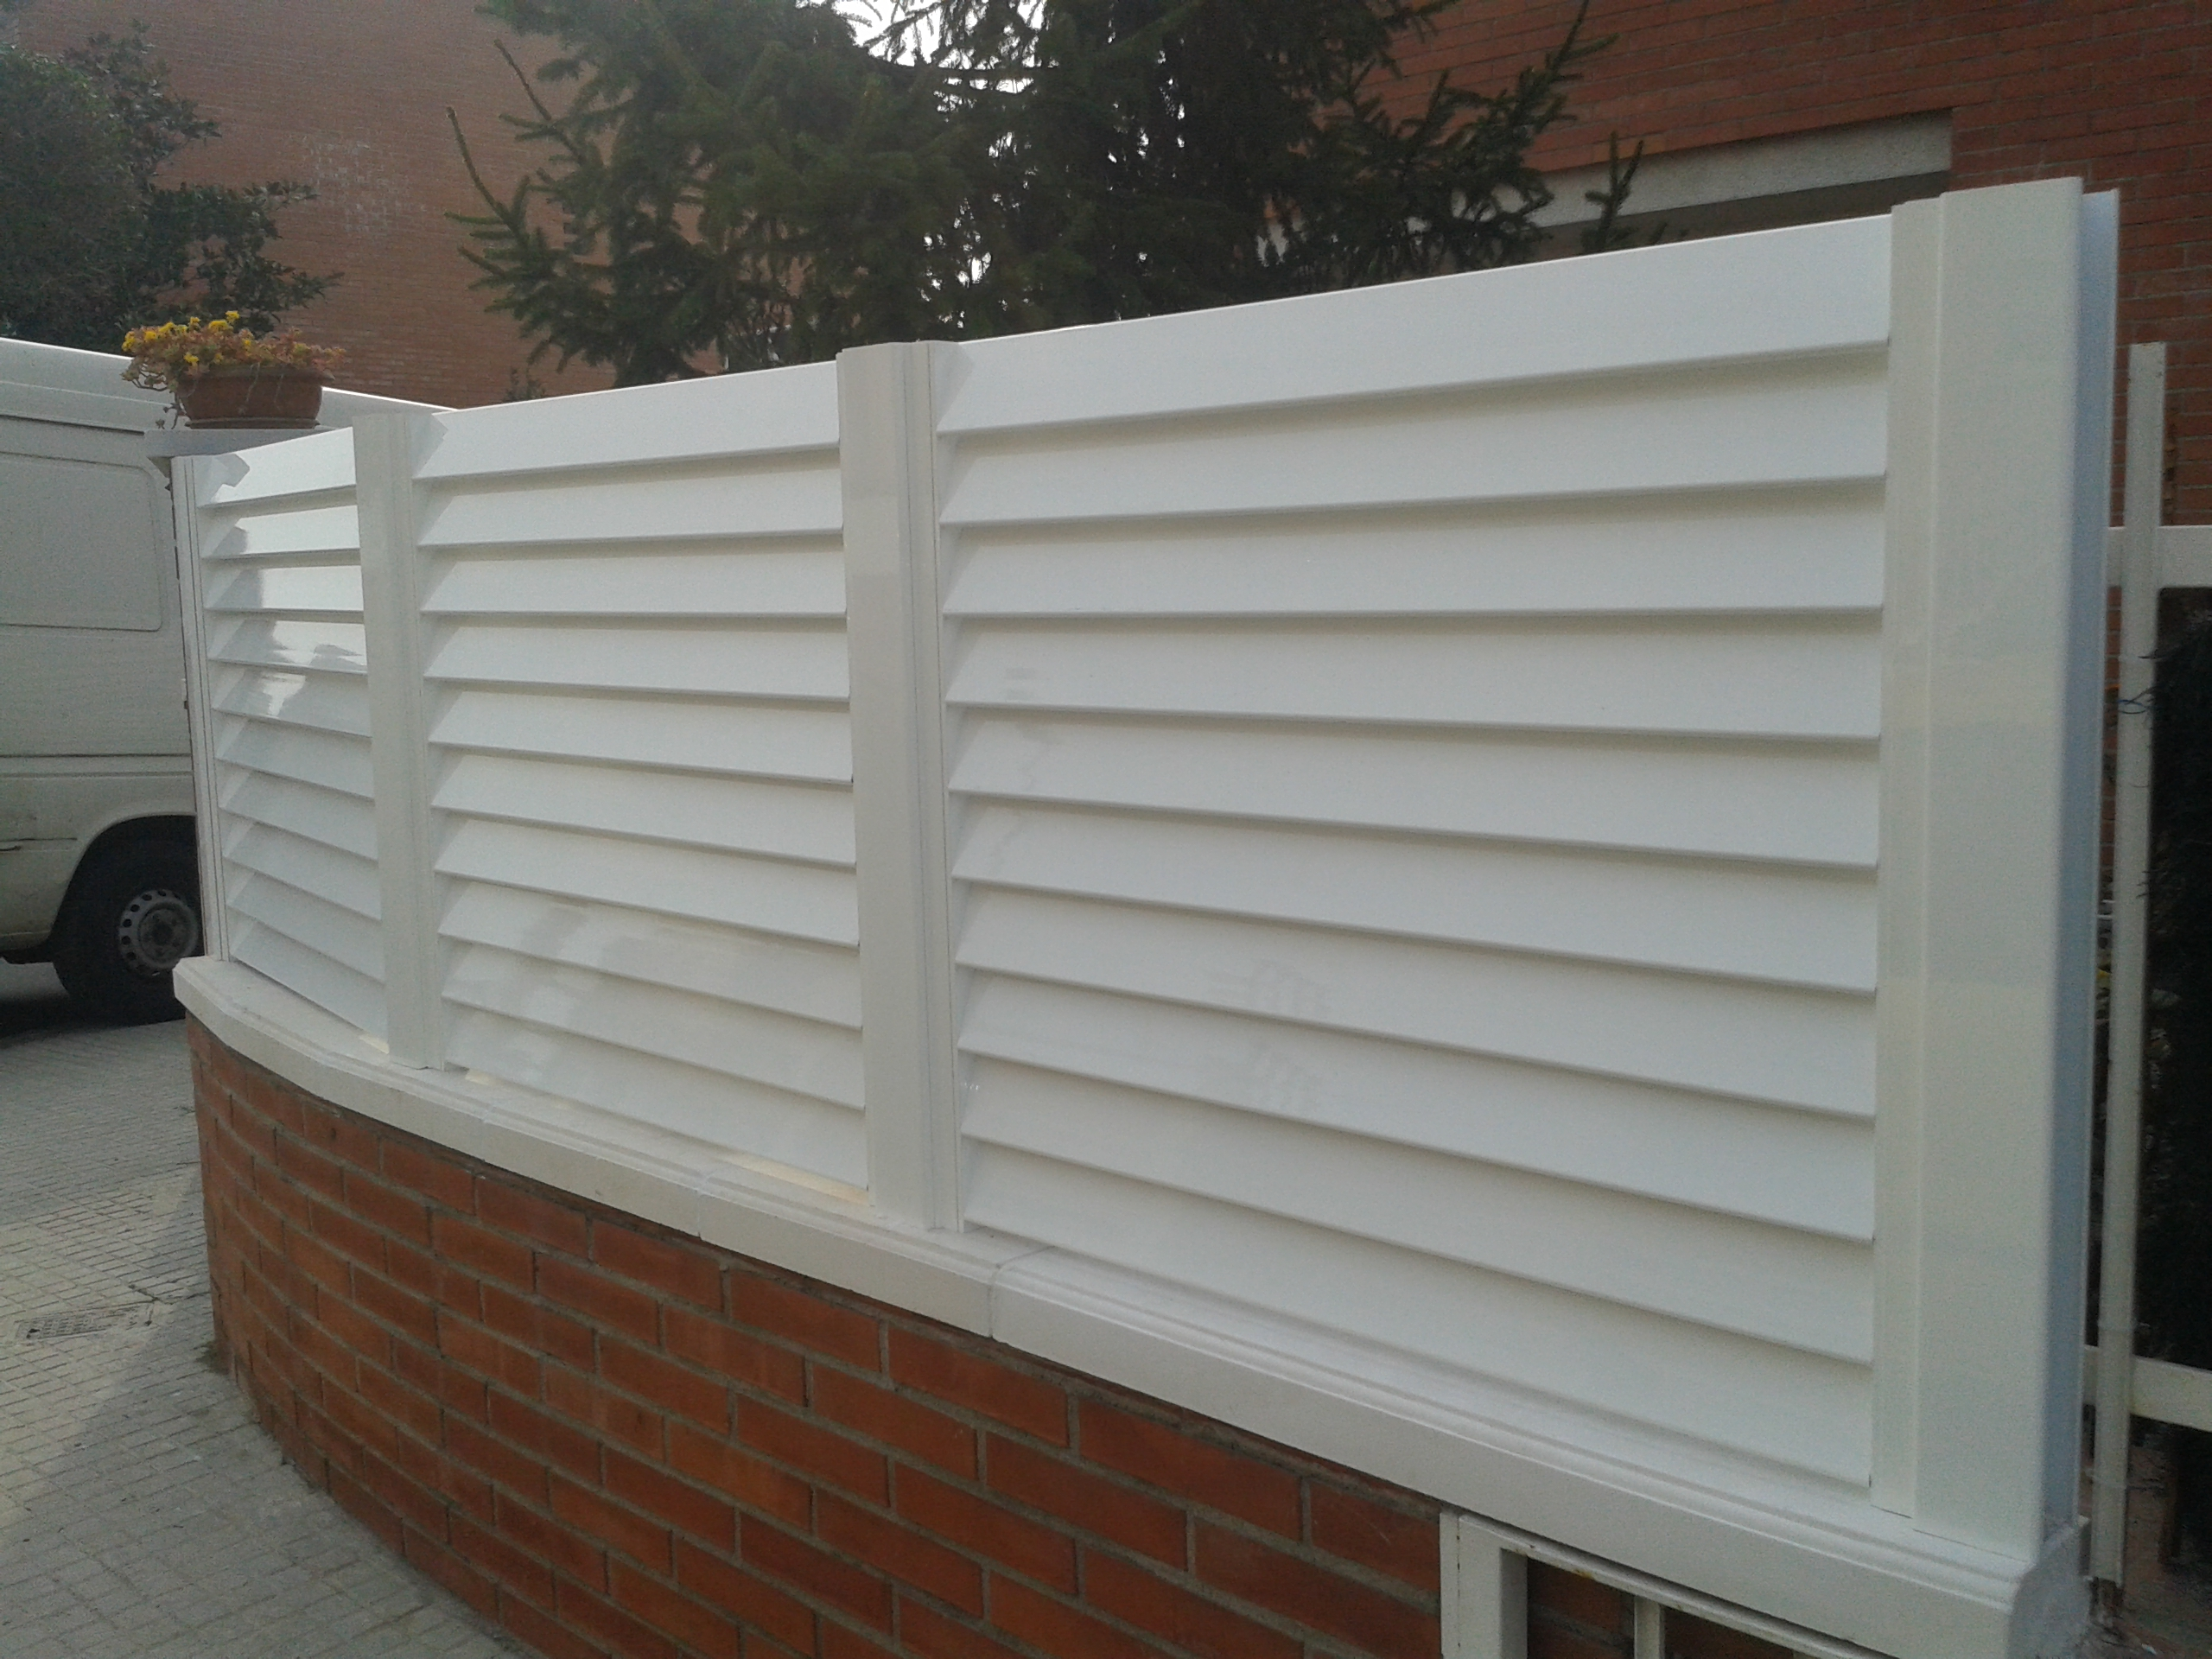 Jard n vallas y puertas cristaler a y aluminio r b r for Vallas de pvc para jardin